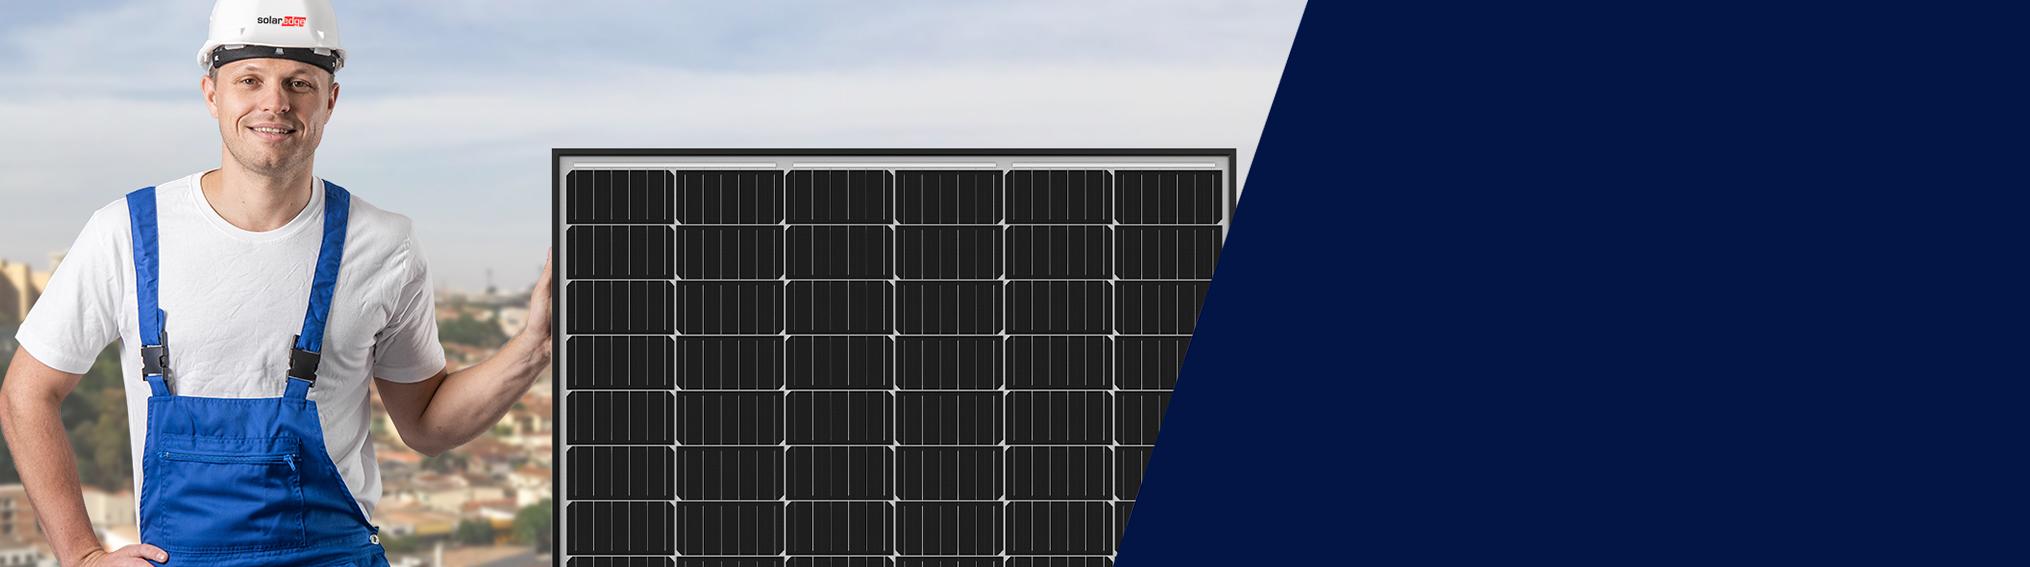 SolarEdge_Smart-Modules